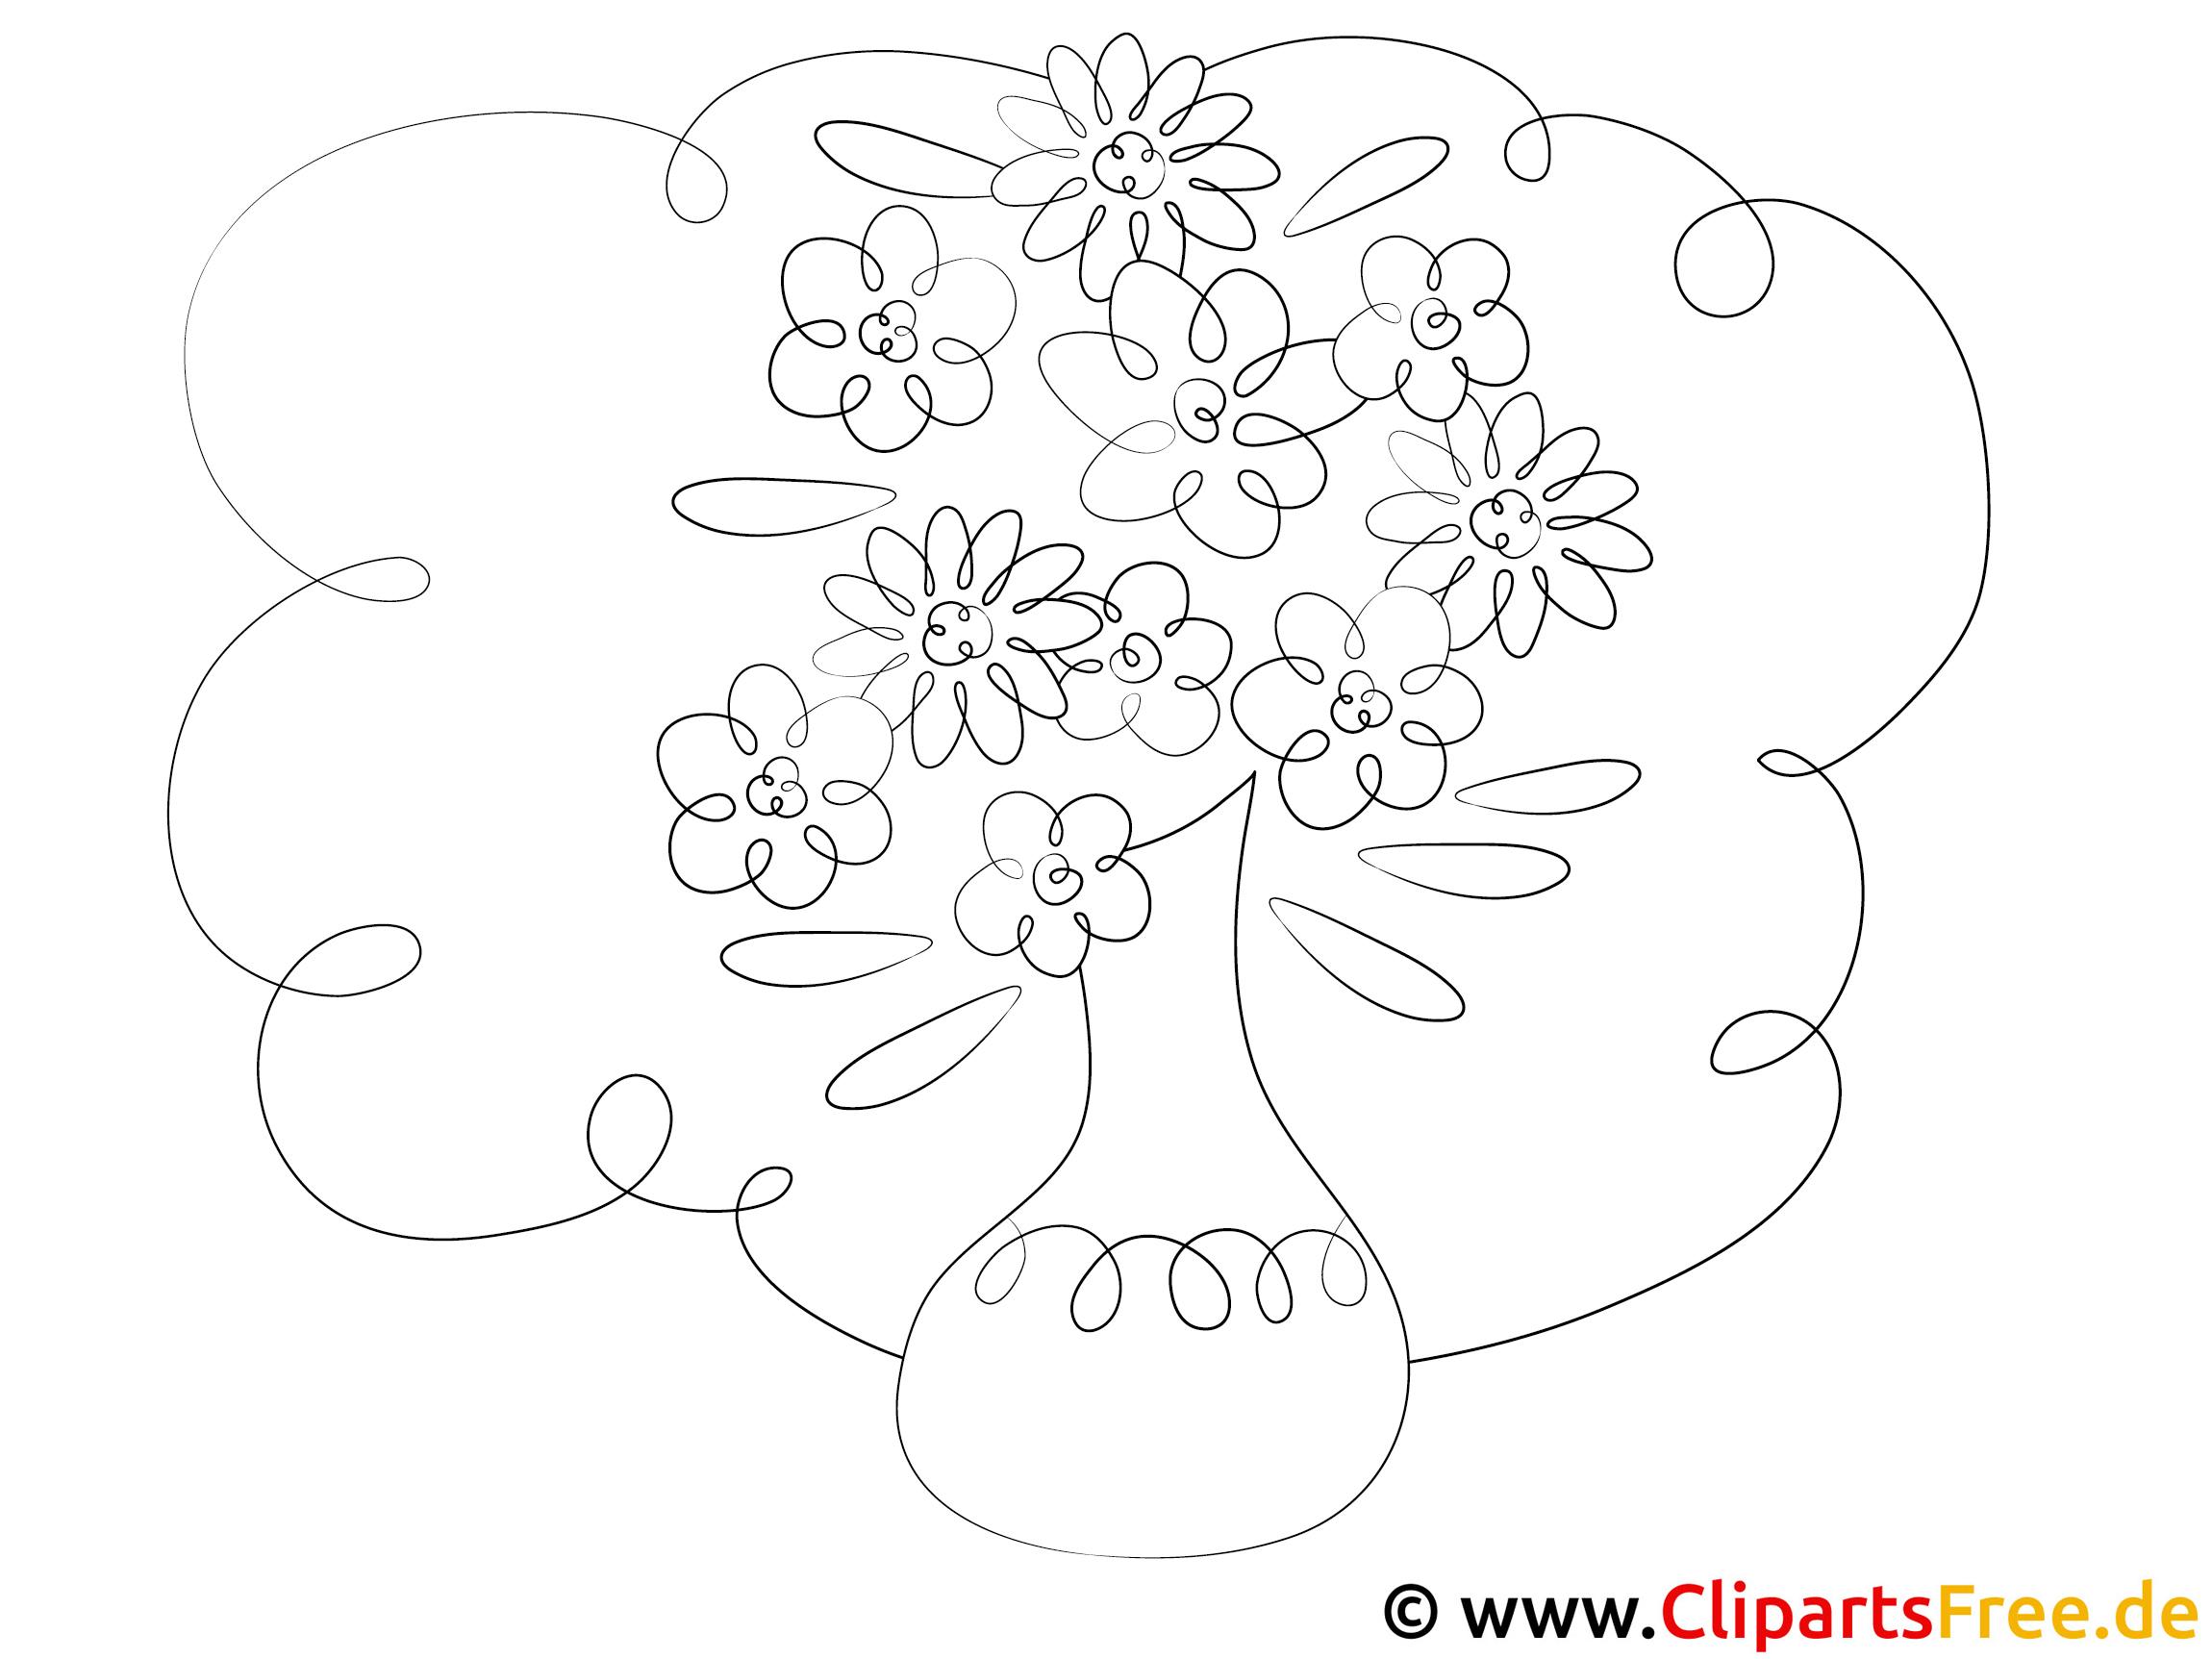 Blumenvase - Zeichnungen Vorlagen zum Ausmalen